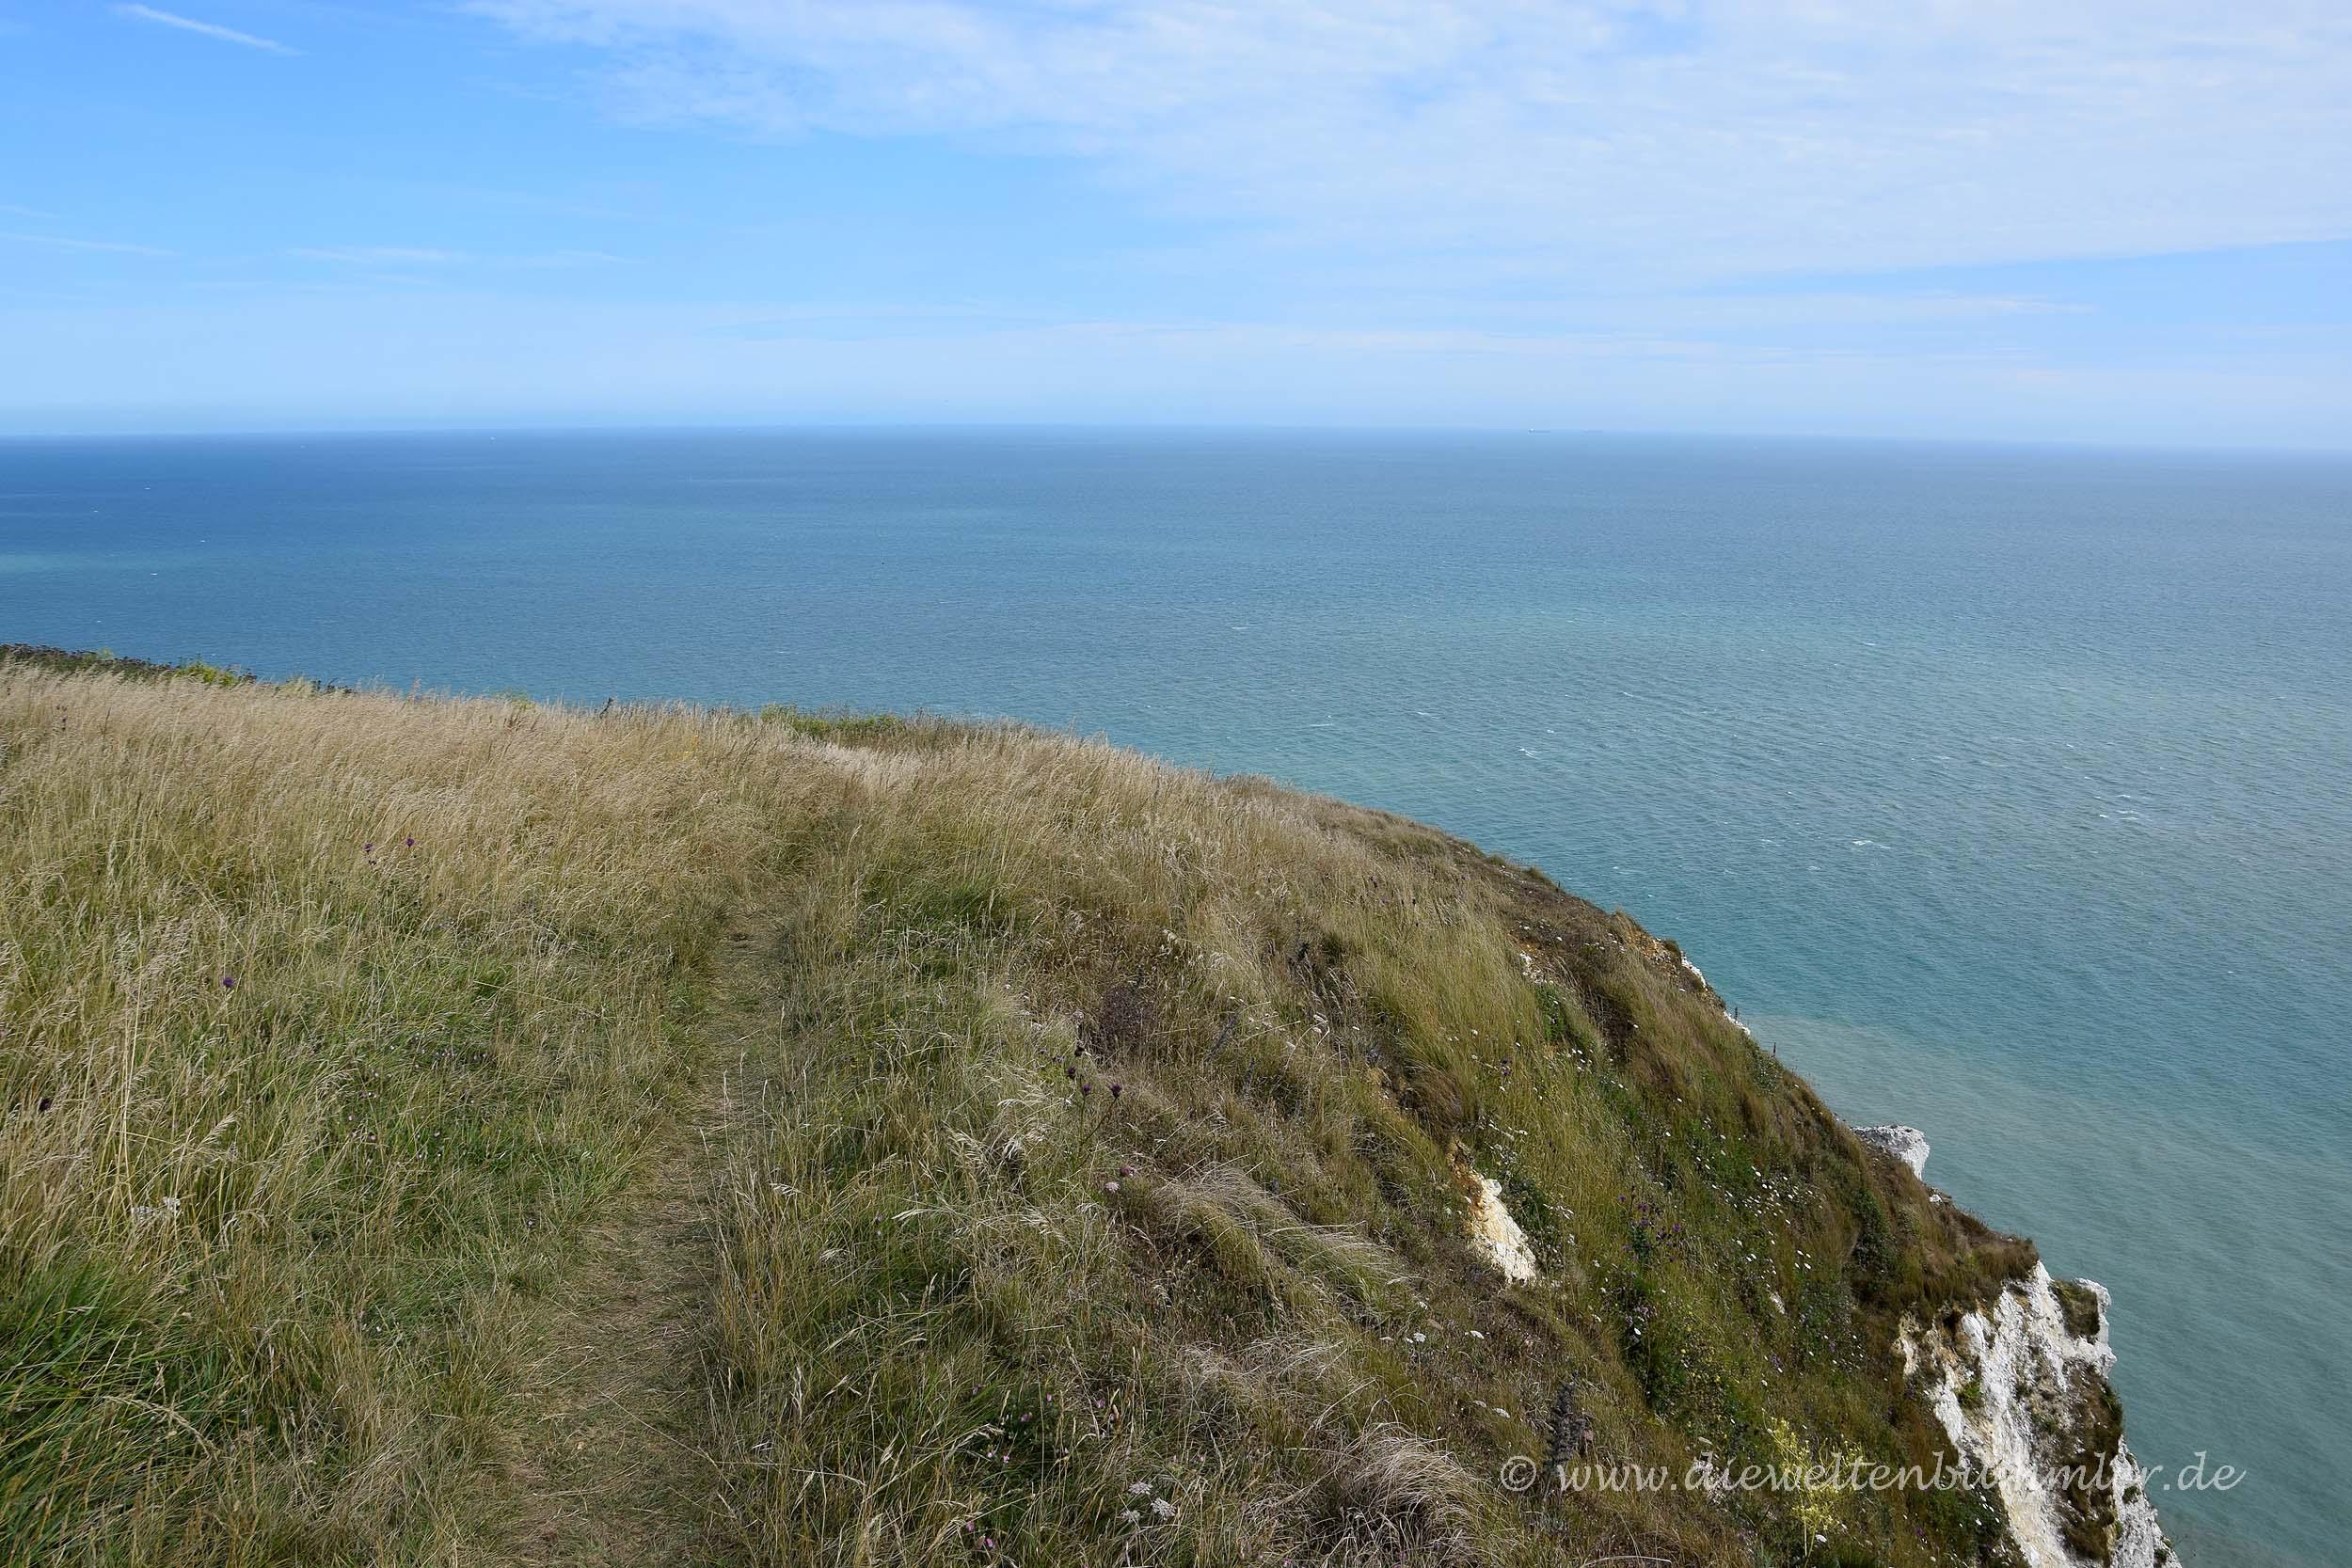 Steilküste bei Beachy Head